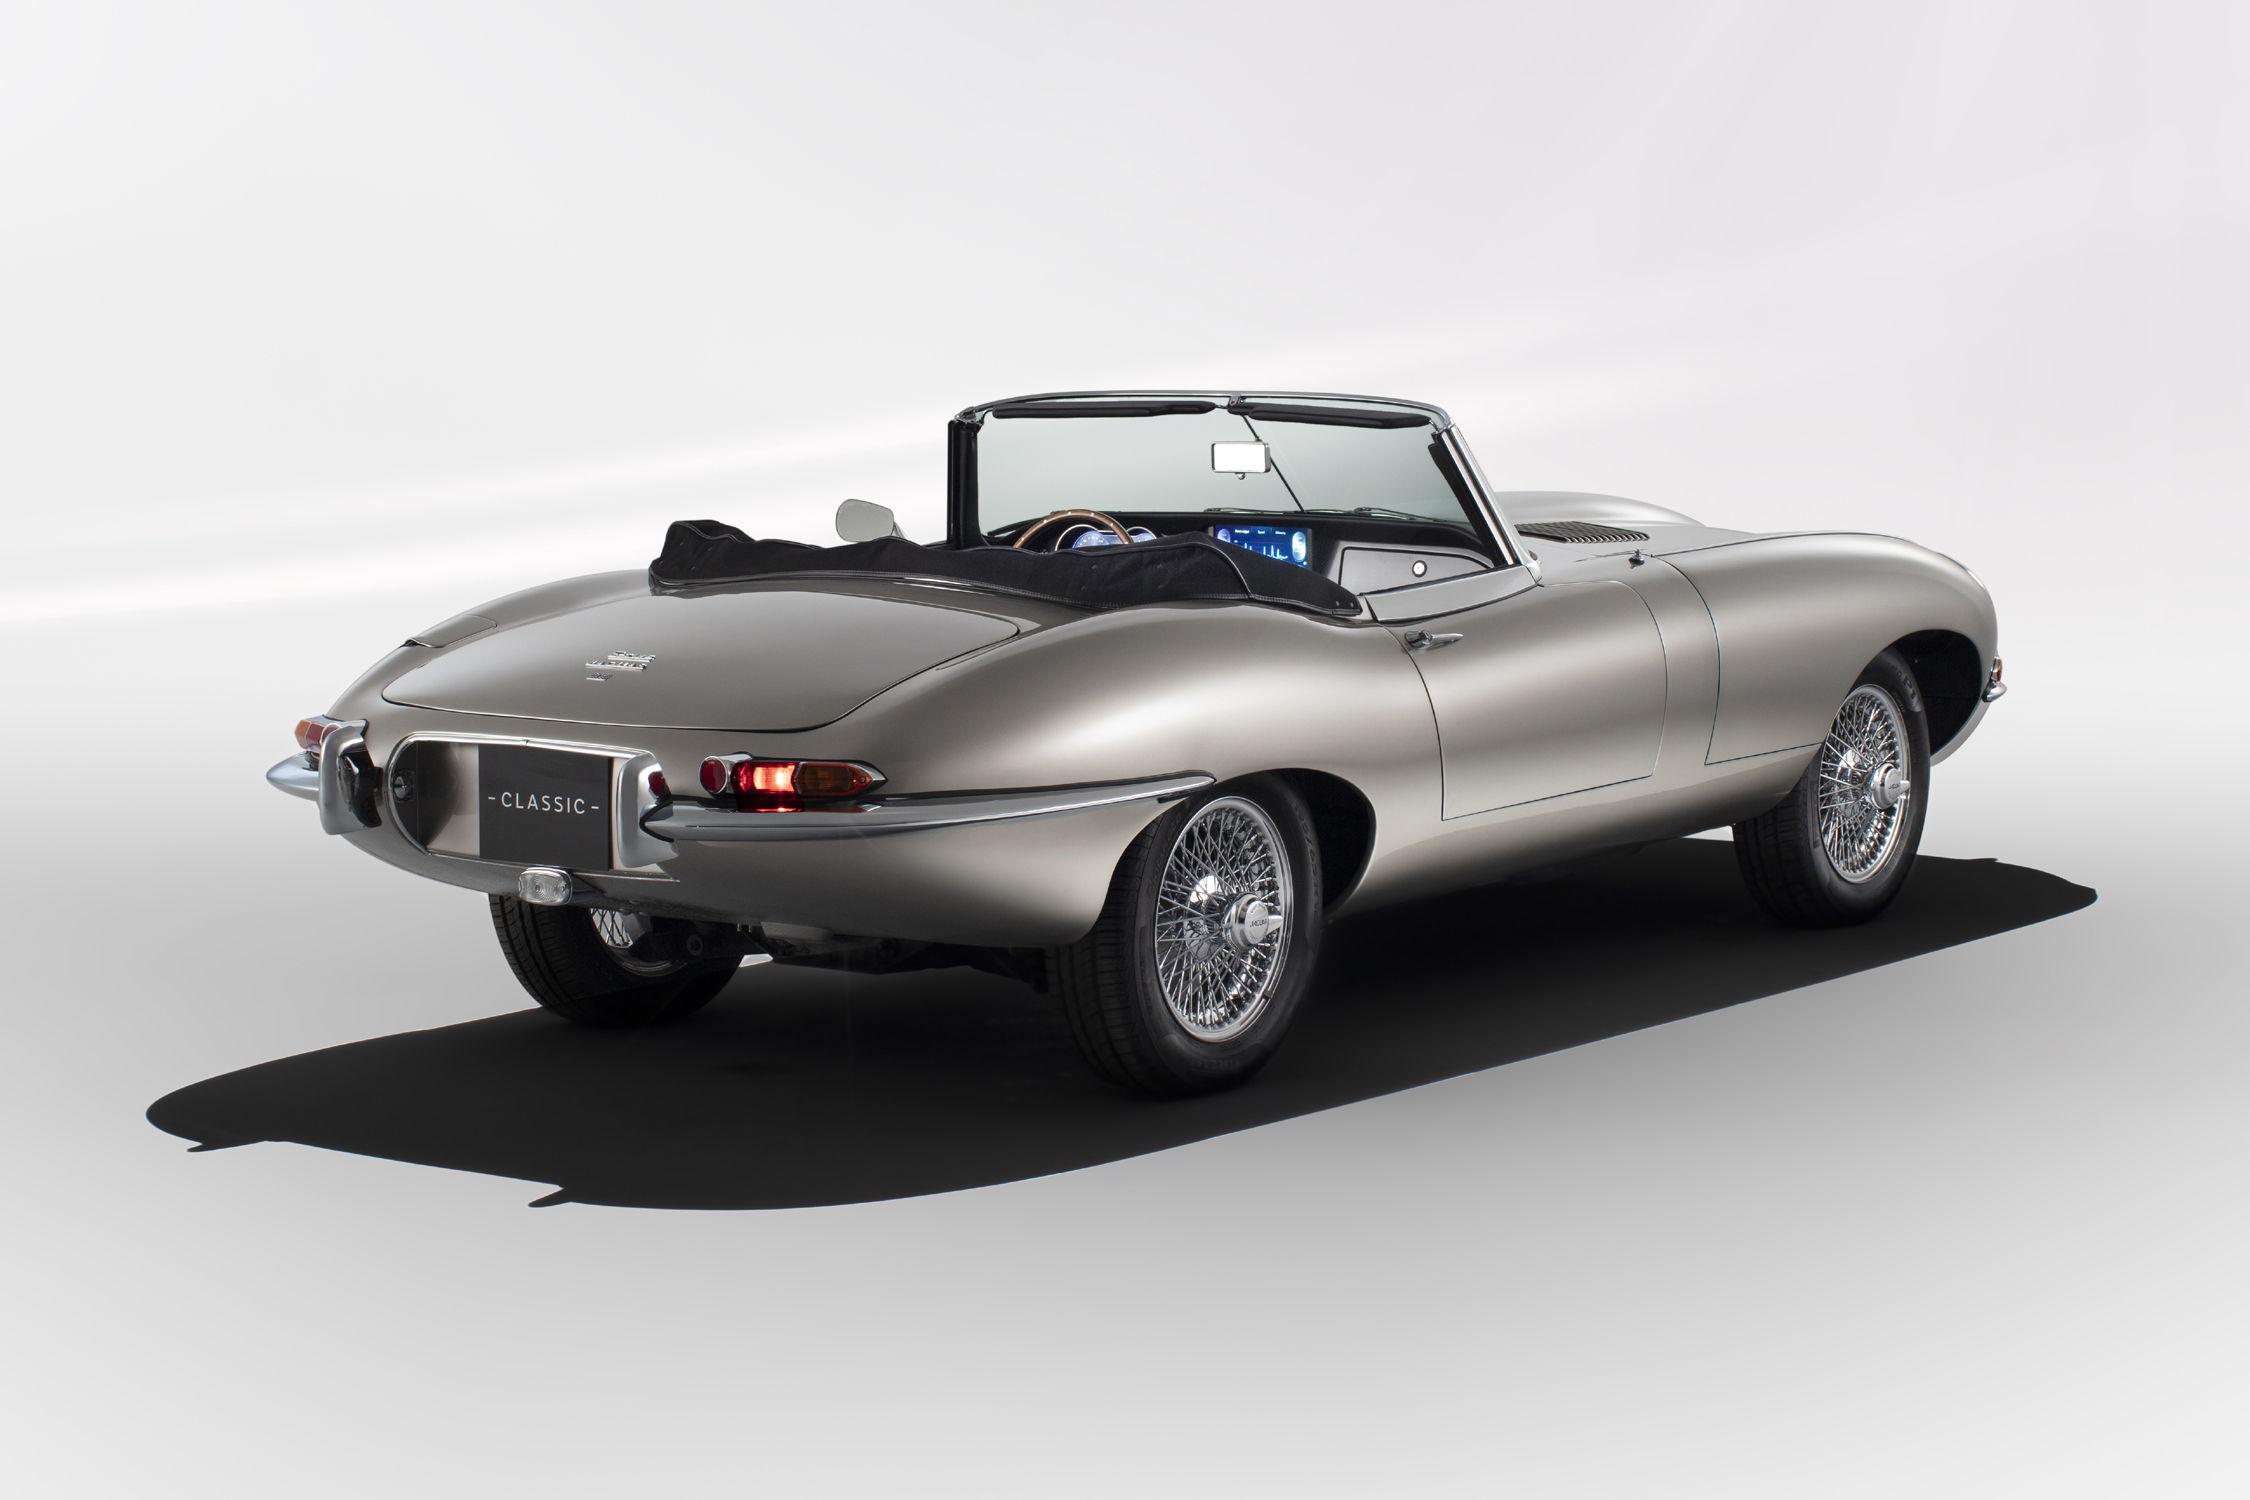 jaguar classic va produire des type e lectriques actualit automobile motorlegend. Black Bedroom Furniture Sets. Home Design Ideas